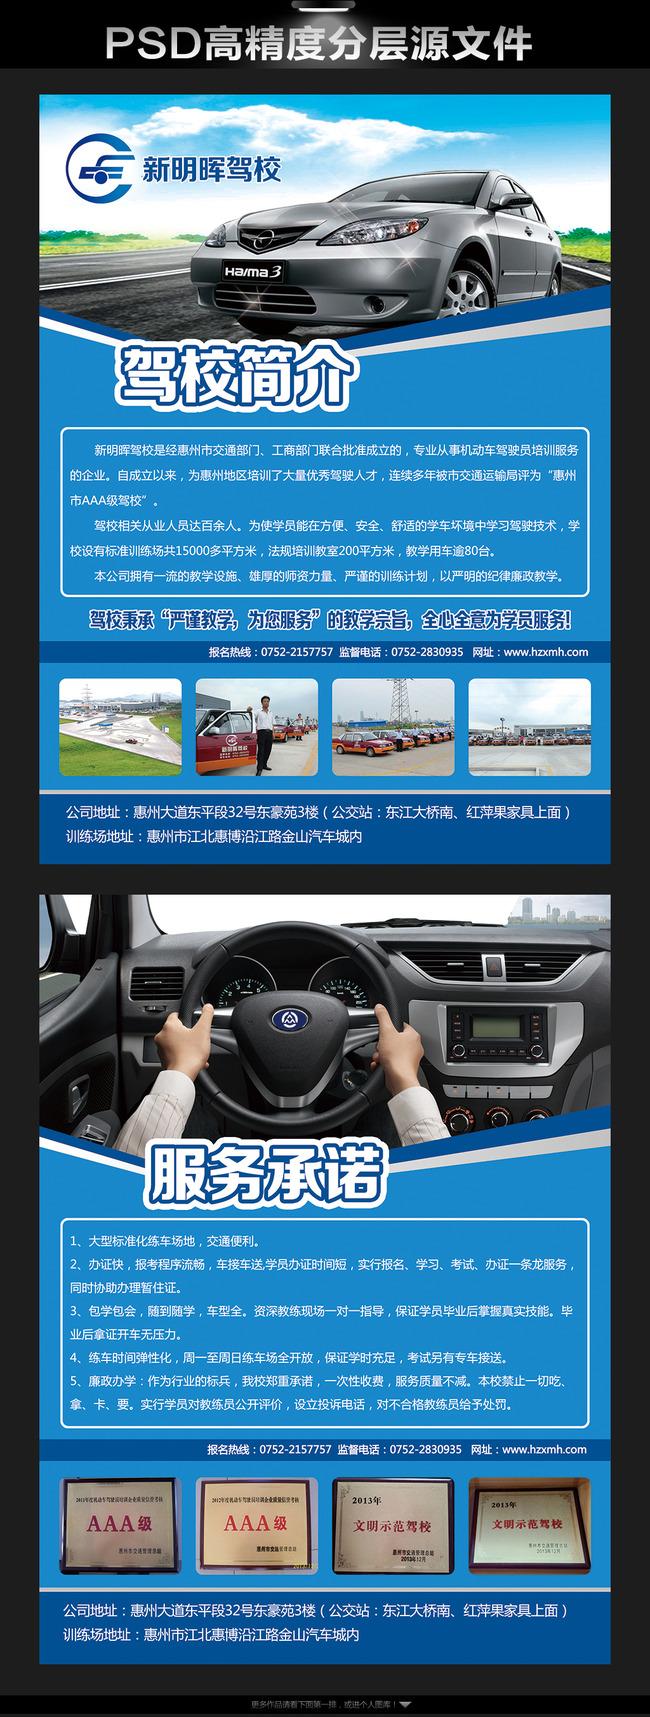 蓝色驾校招生宣传单海报设计图片下载 驾校单页模板下载 驾校单页图片